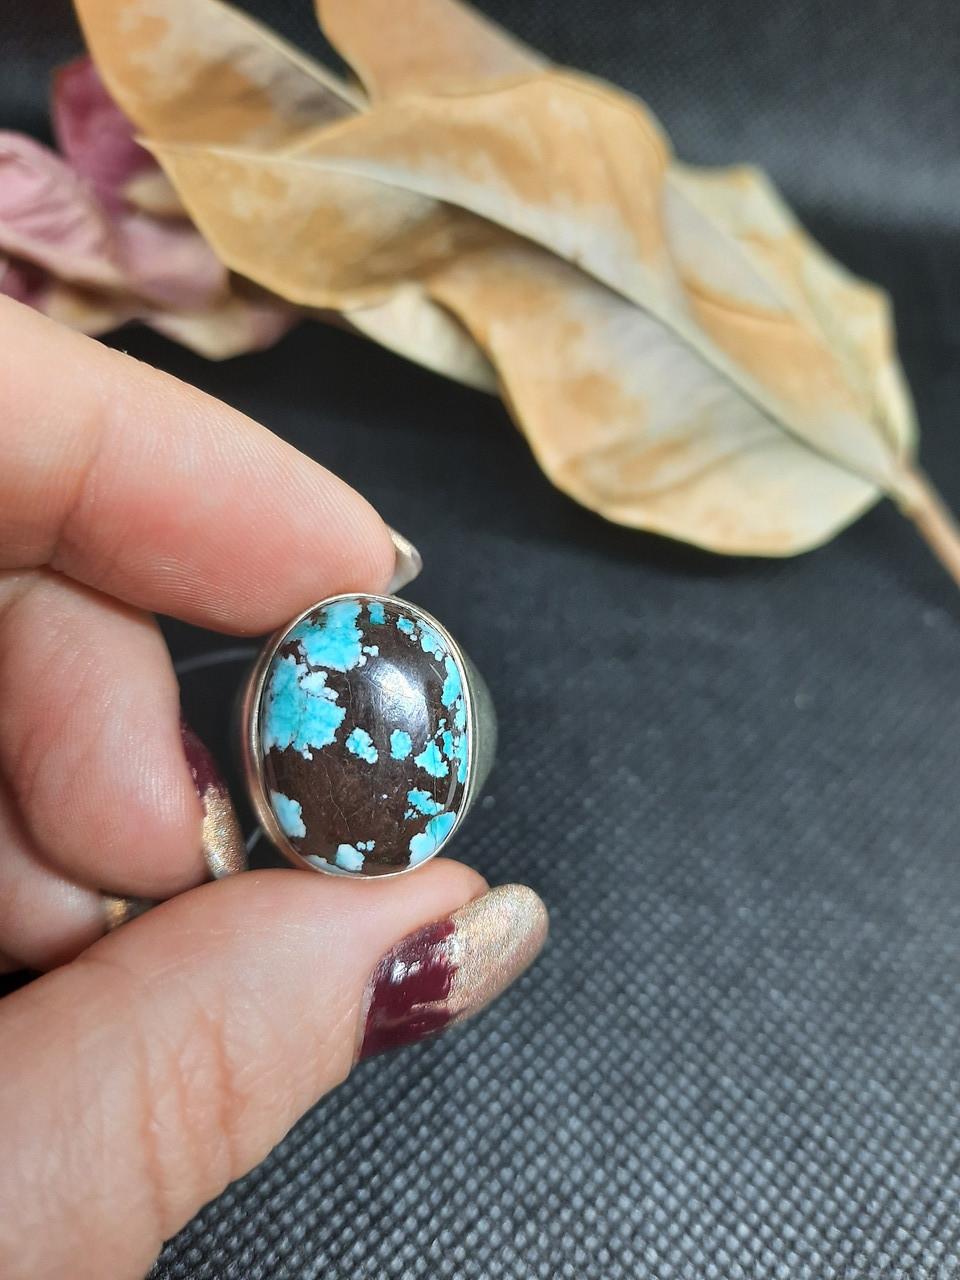 Бирюза кольцо с бирюзой 18,3 размер, натуральная бирюза в серебре Индия